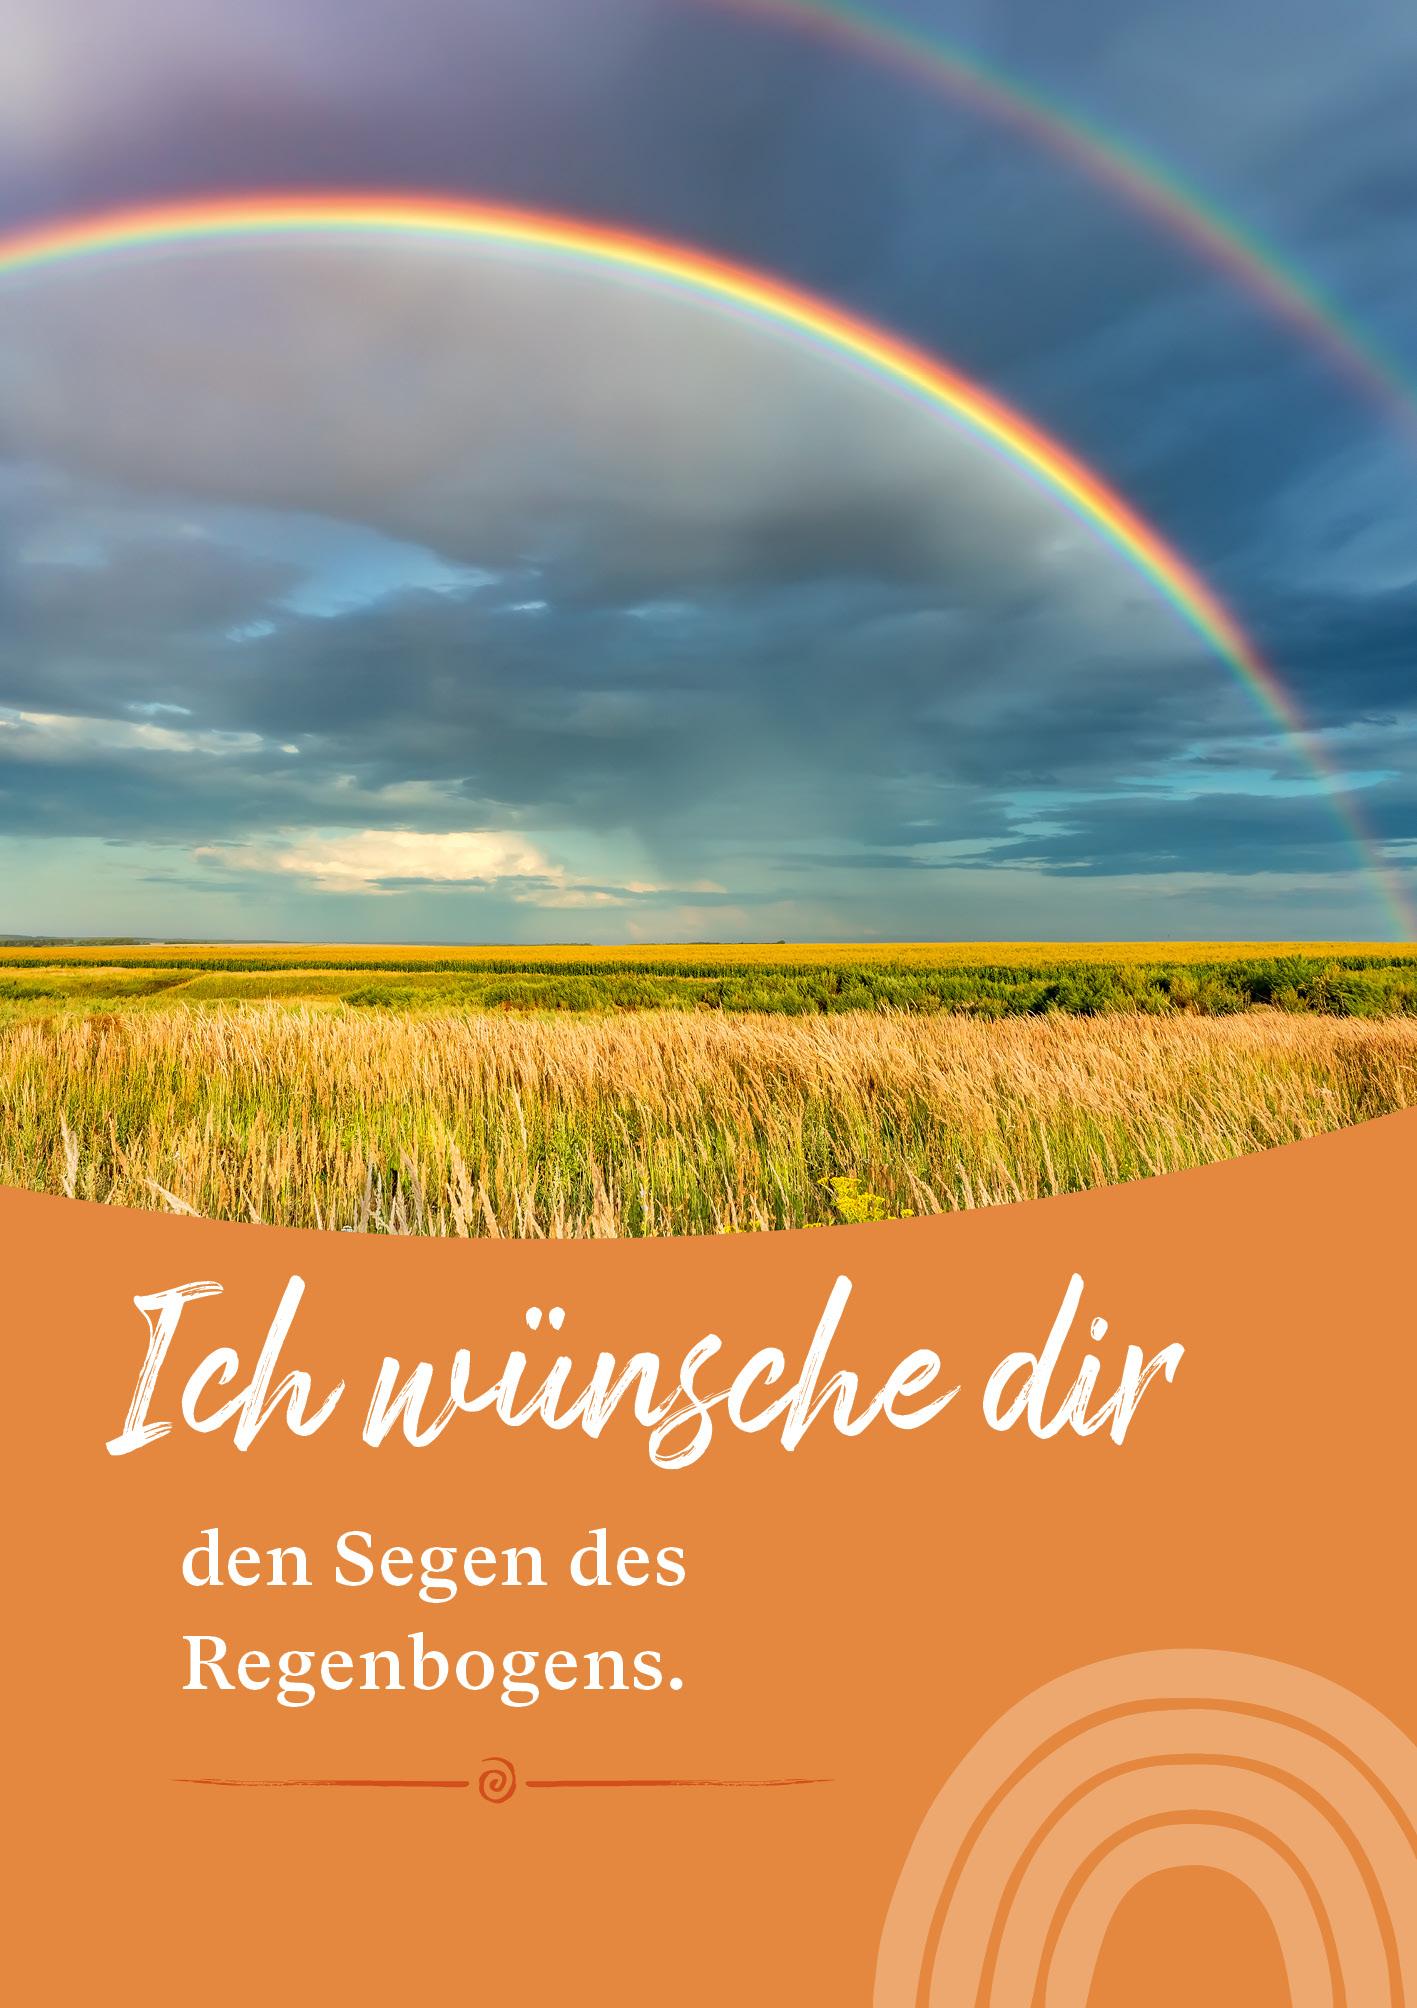 Kunst-Postkarte - Segen des Regenbogens